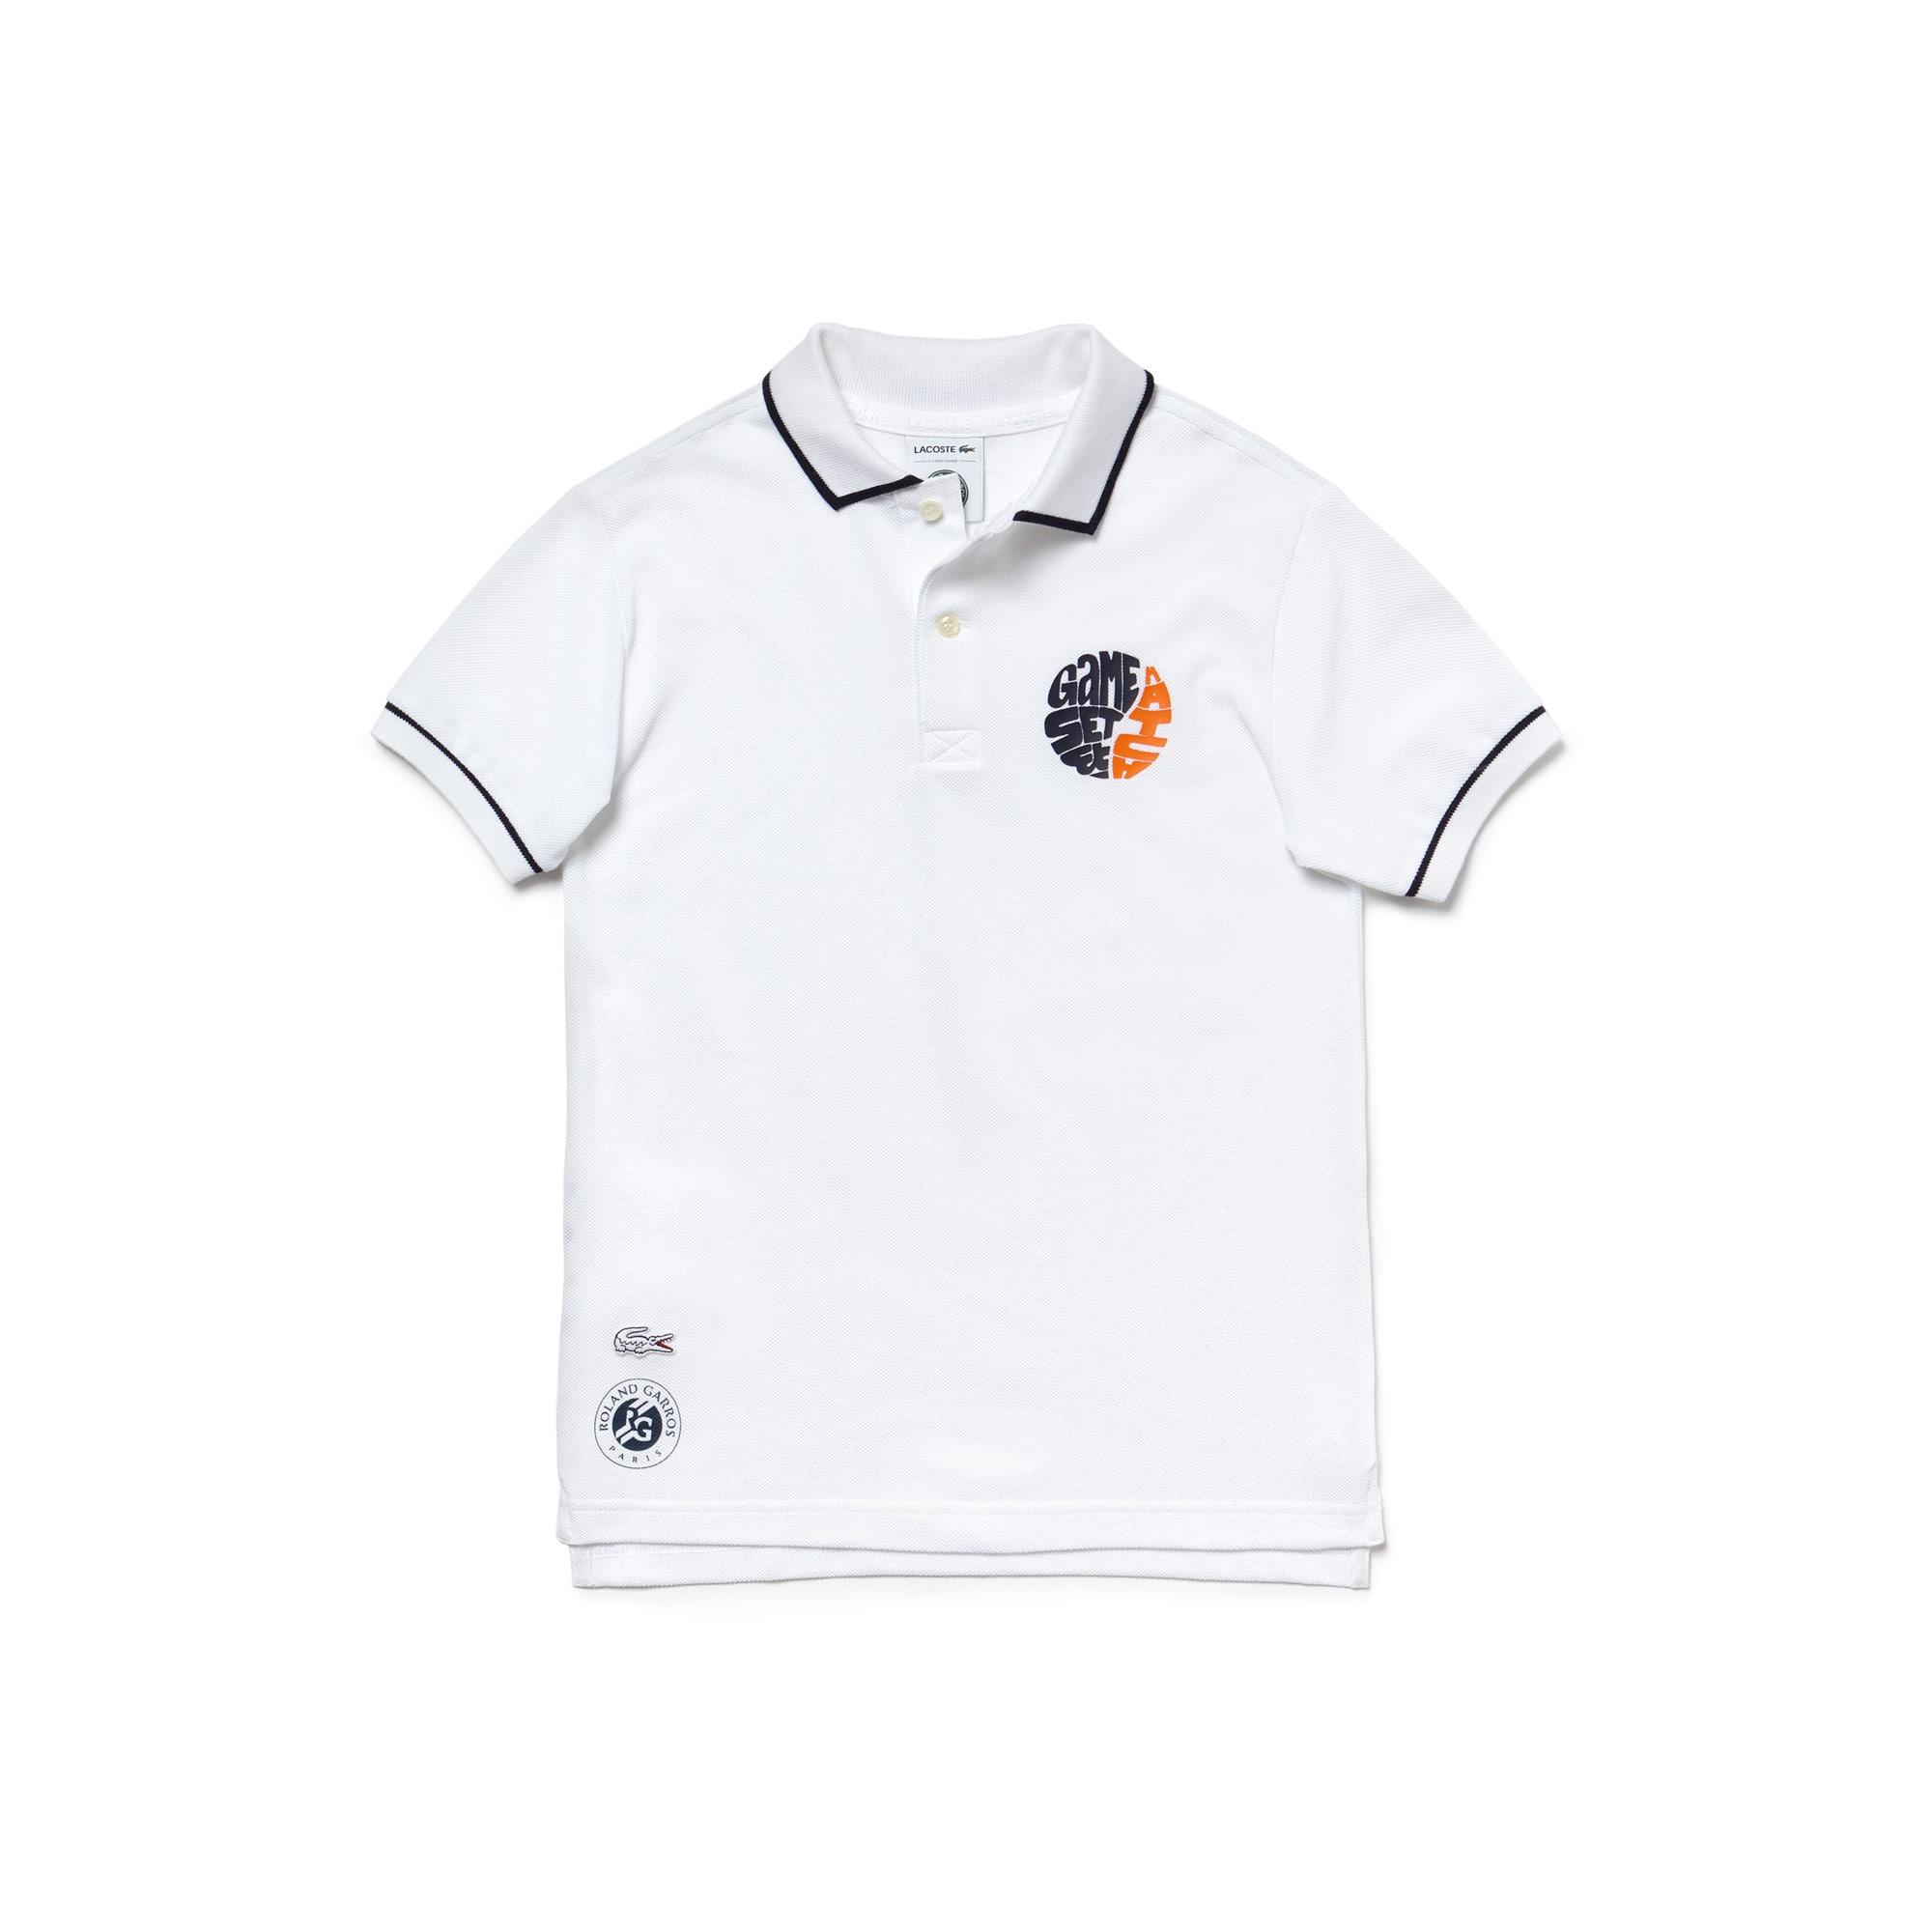 Boys' SPORT Roland Garros Edition Petit Piqué Polo